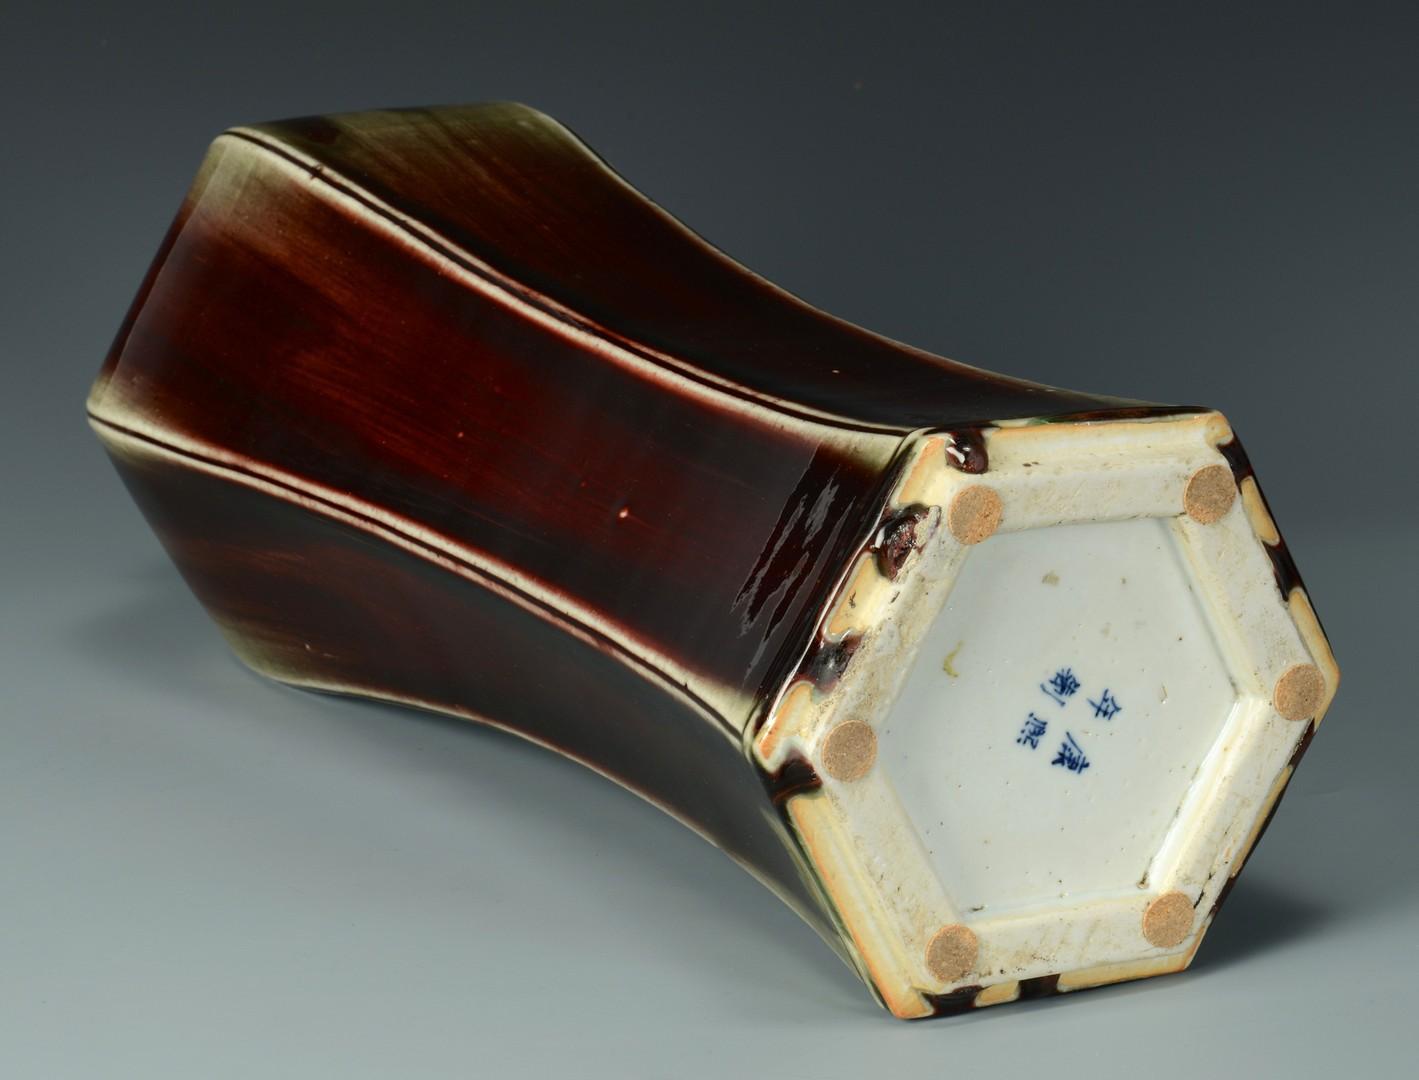 Lot 3383170: Large Chinese Flambe Porcelain Vase